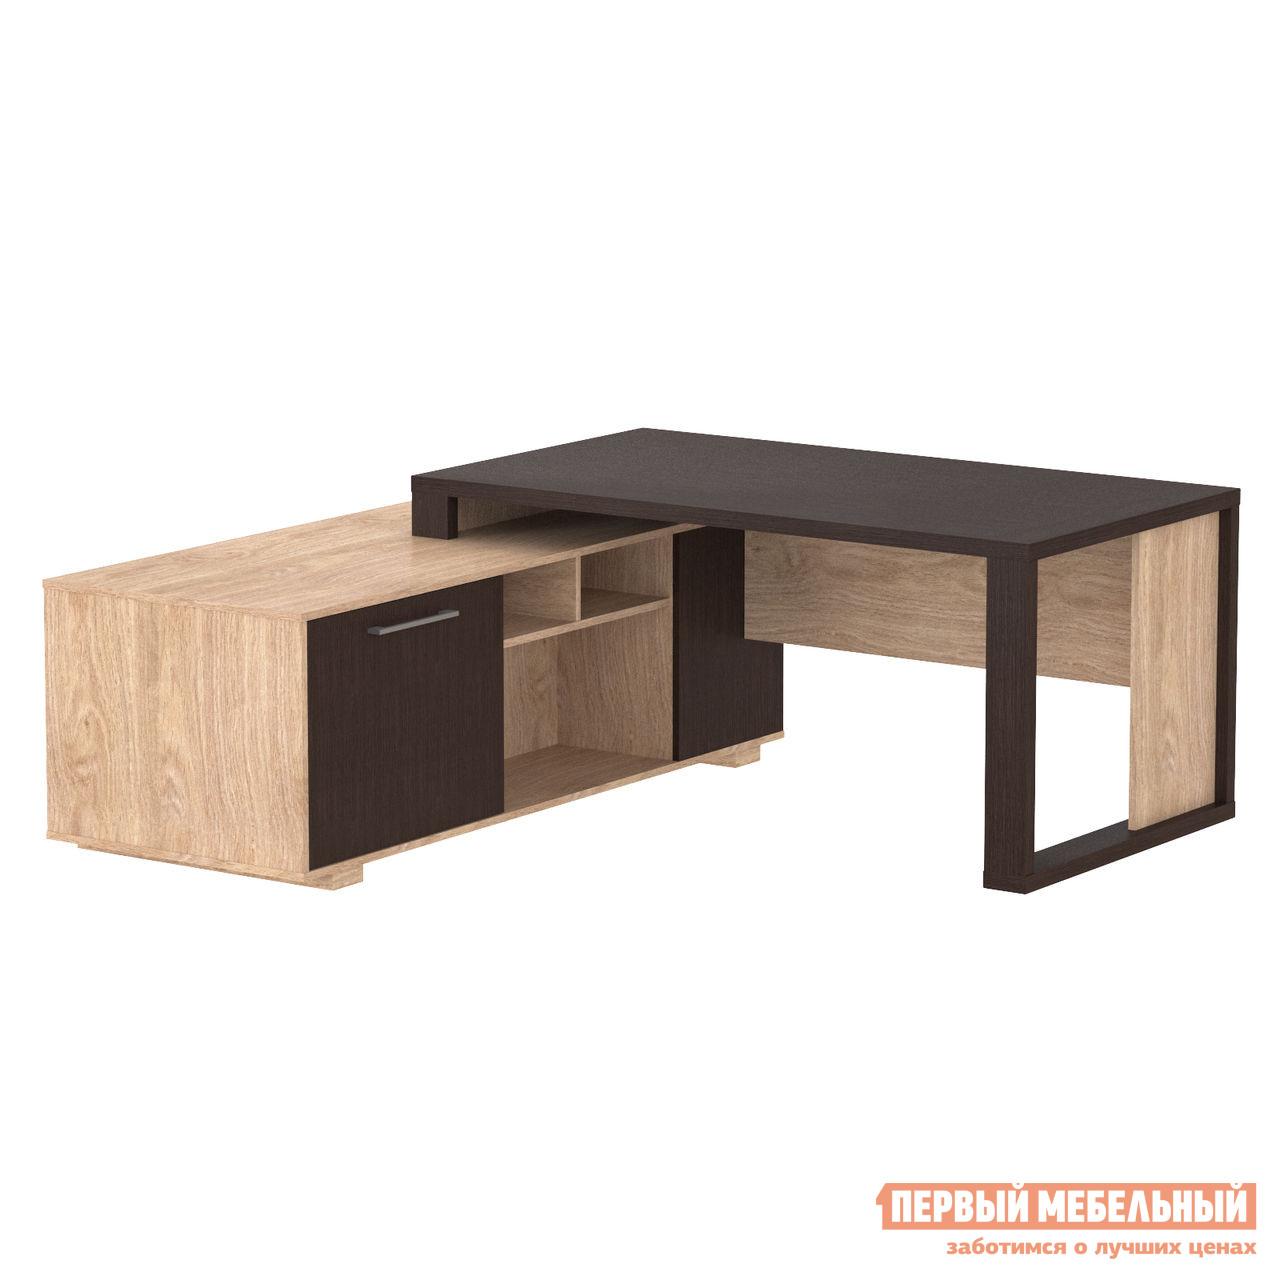 Письменный стол Тайпит ACT1918 (L) письменный стол тайпит ocet 149 l левый